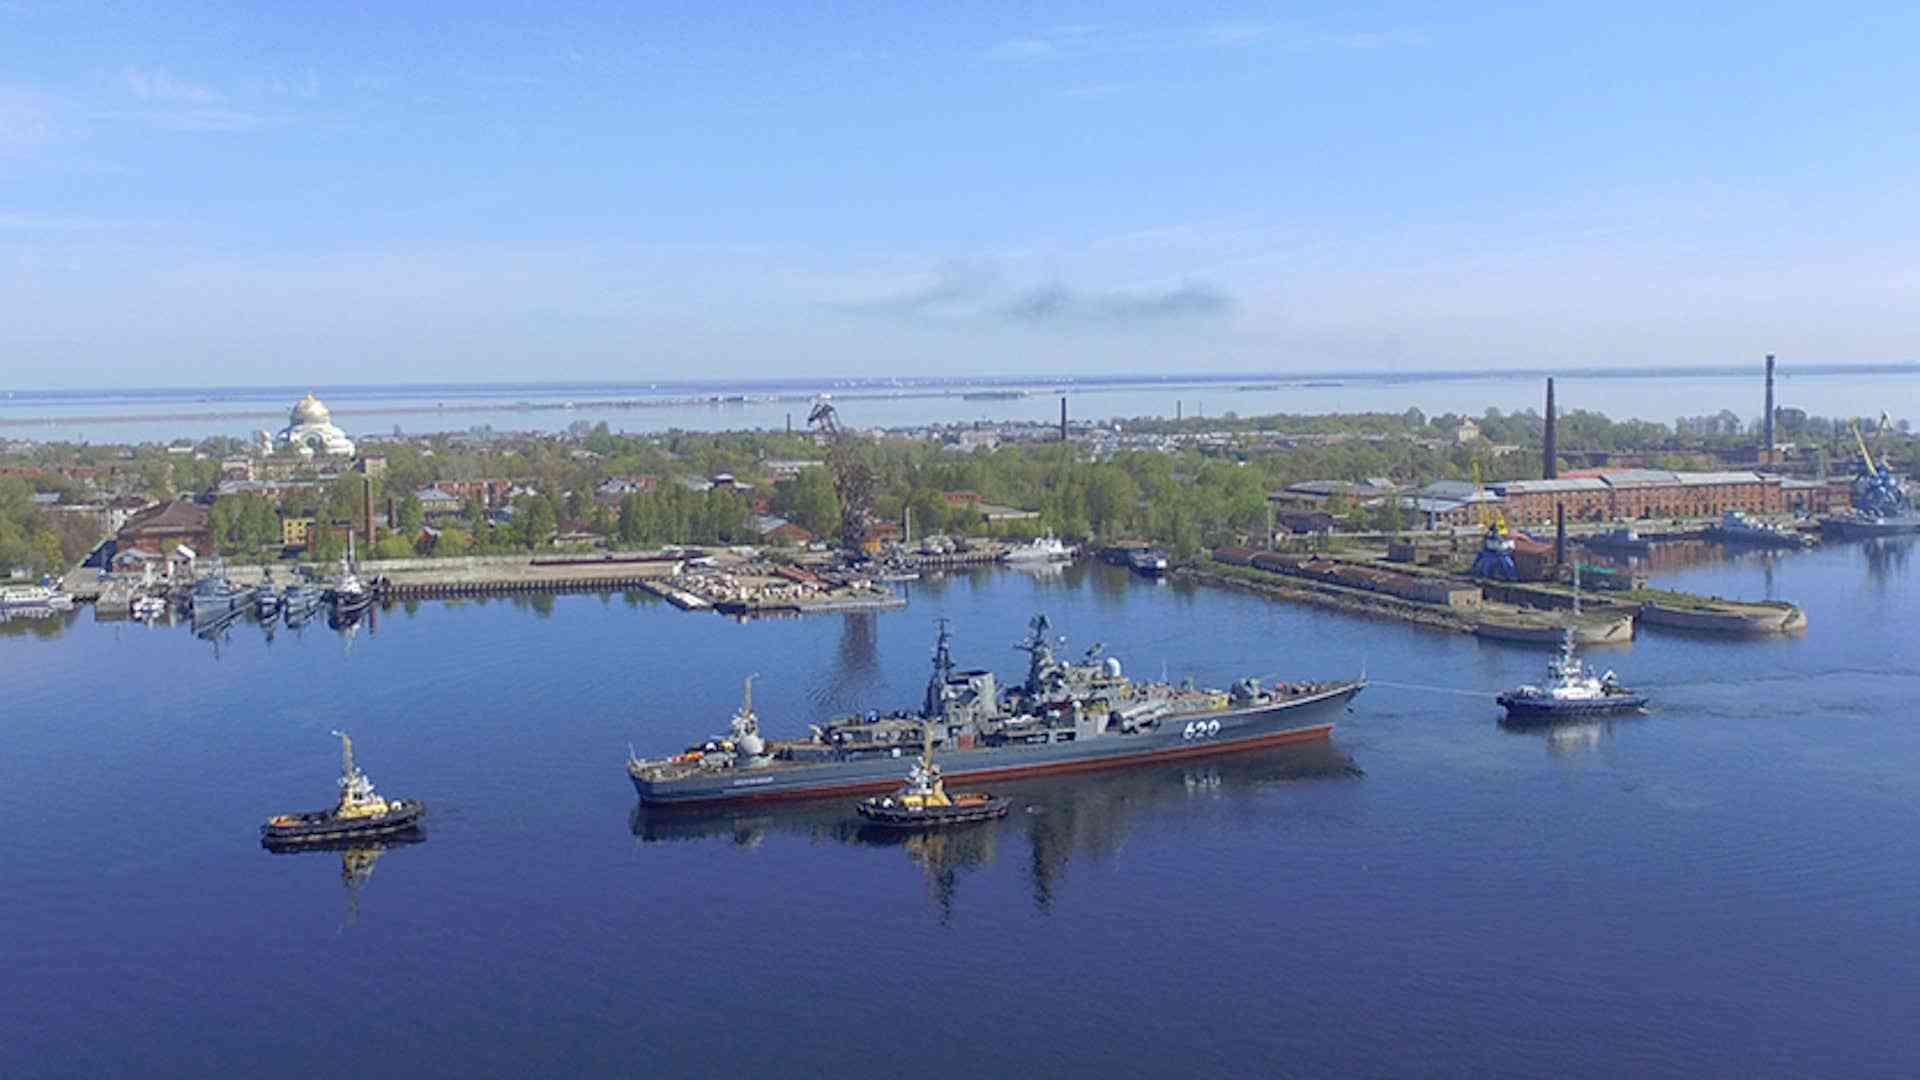 俄军退役现代级驱逐舰13吨重螺旋桨遭窃,前舰长涉嫌参与